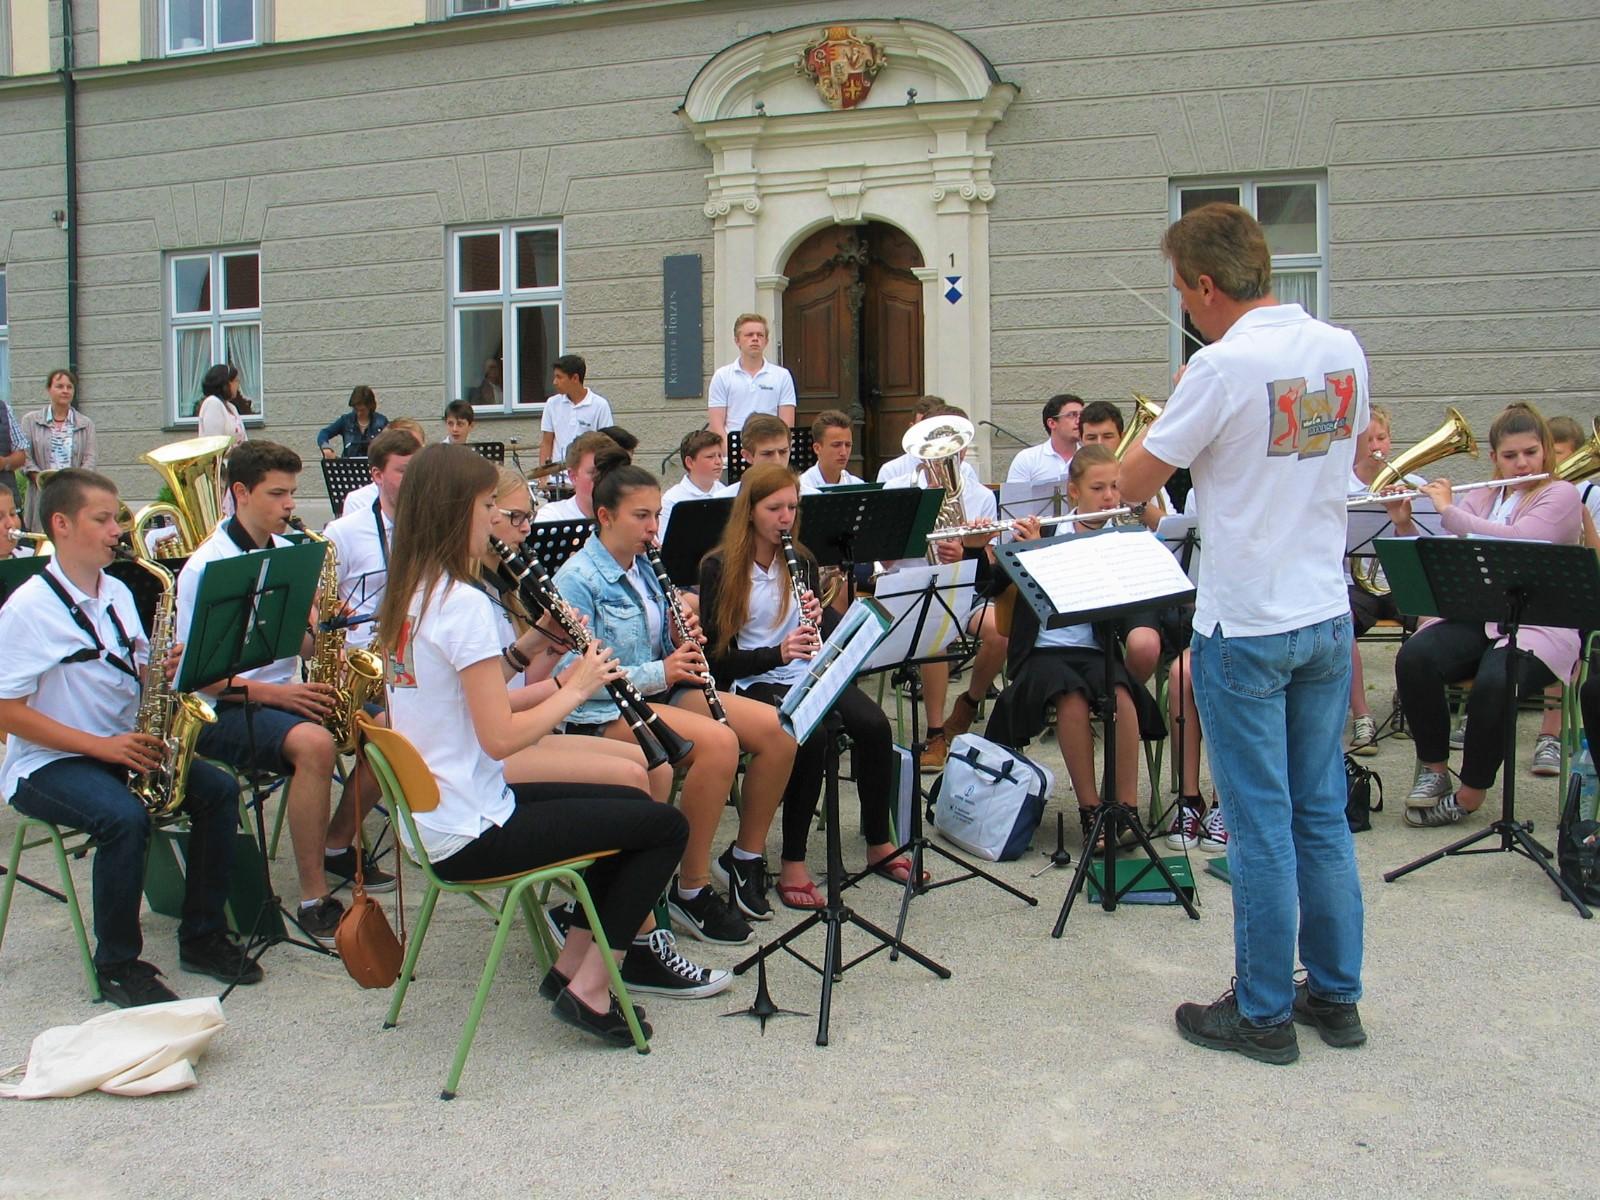 Musikalisch umramt wurde der Gottesdienst von Viva la Musica...